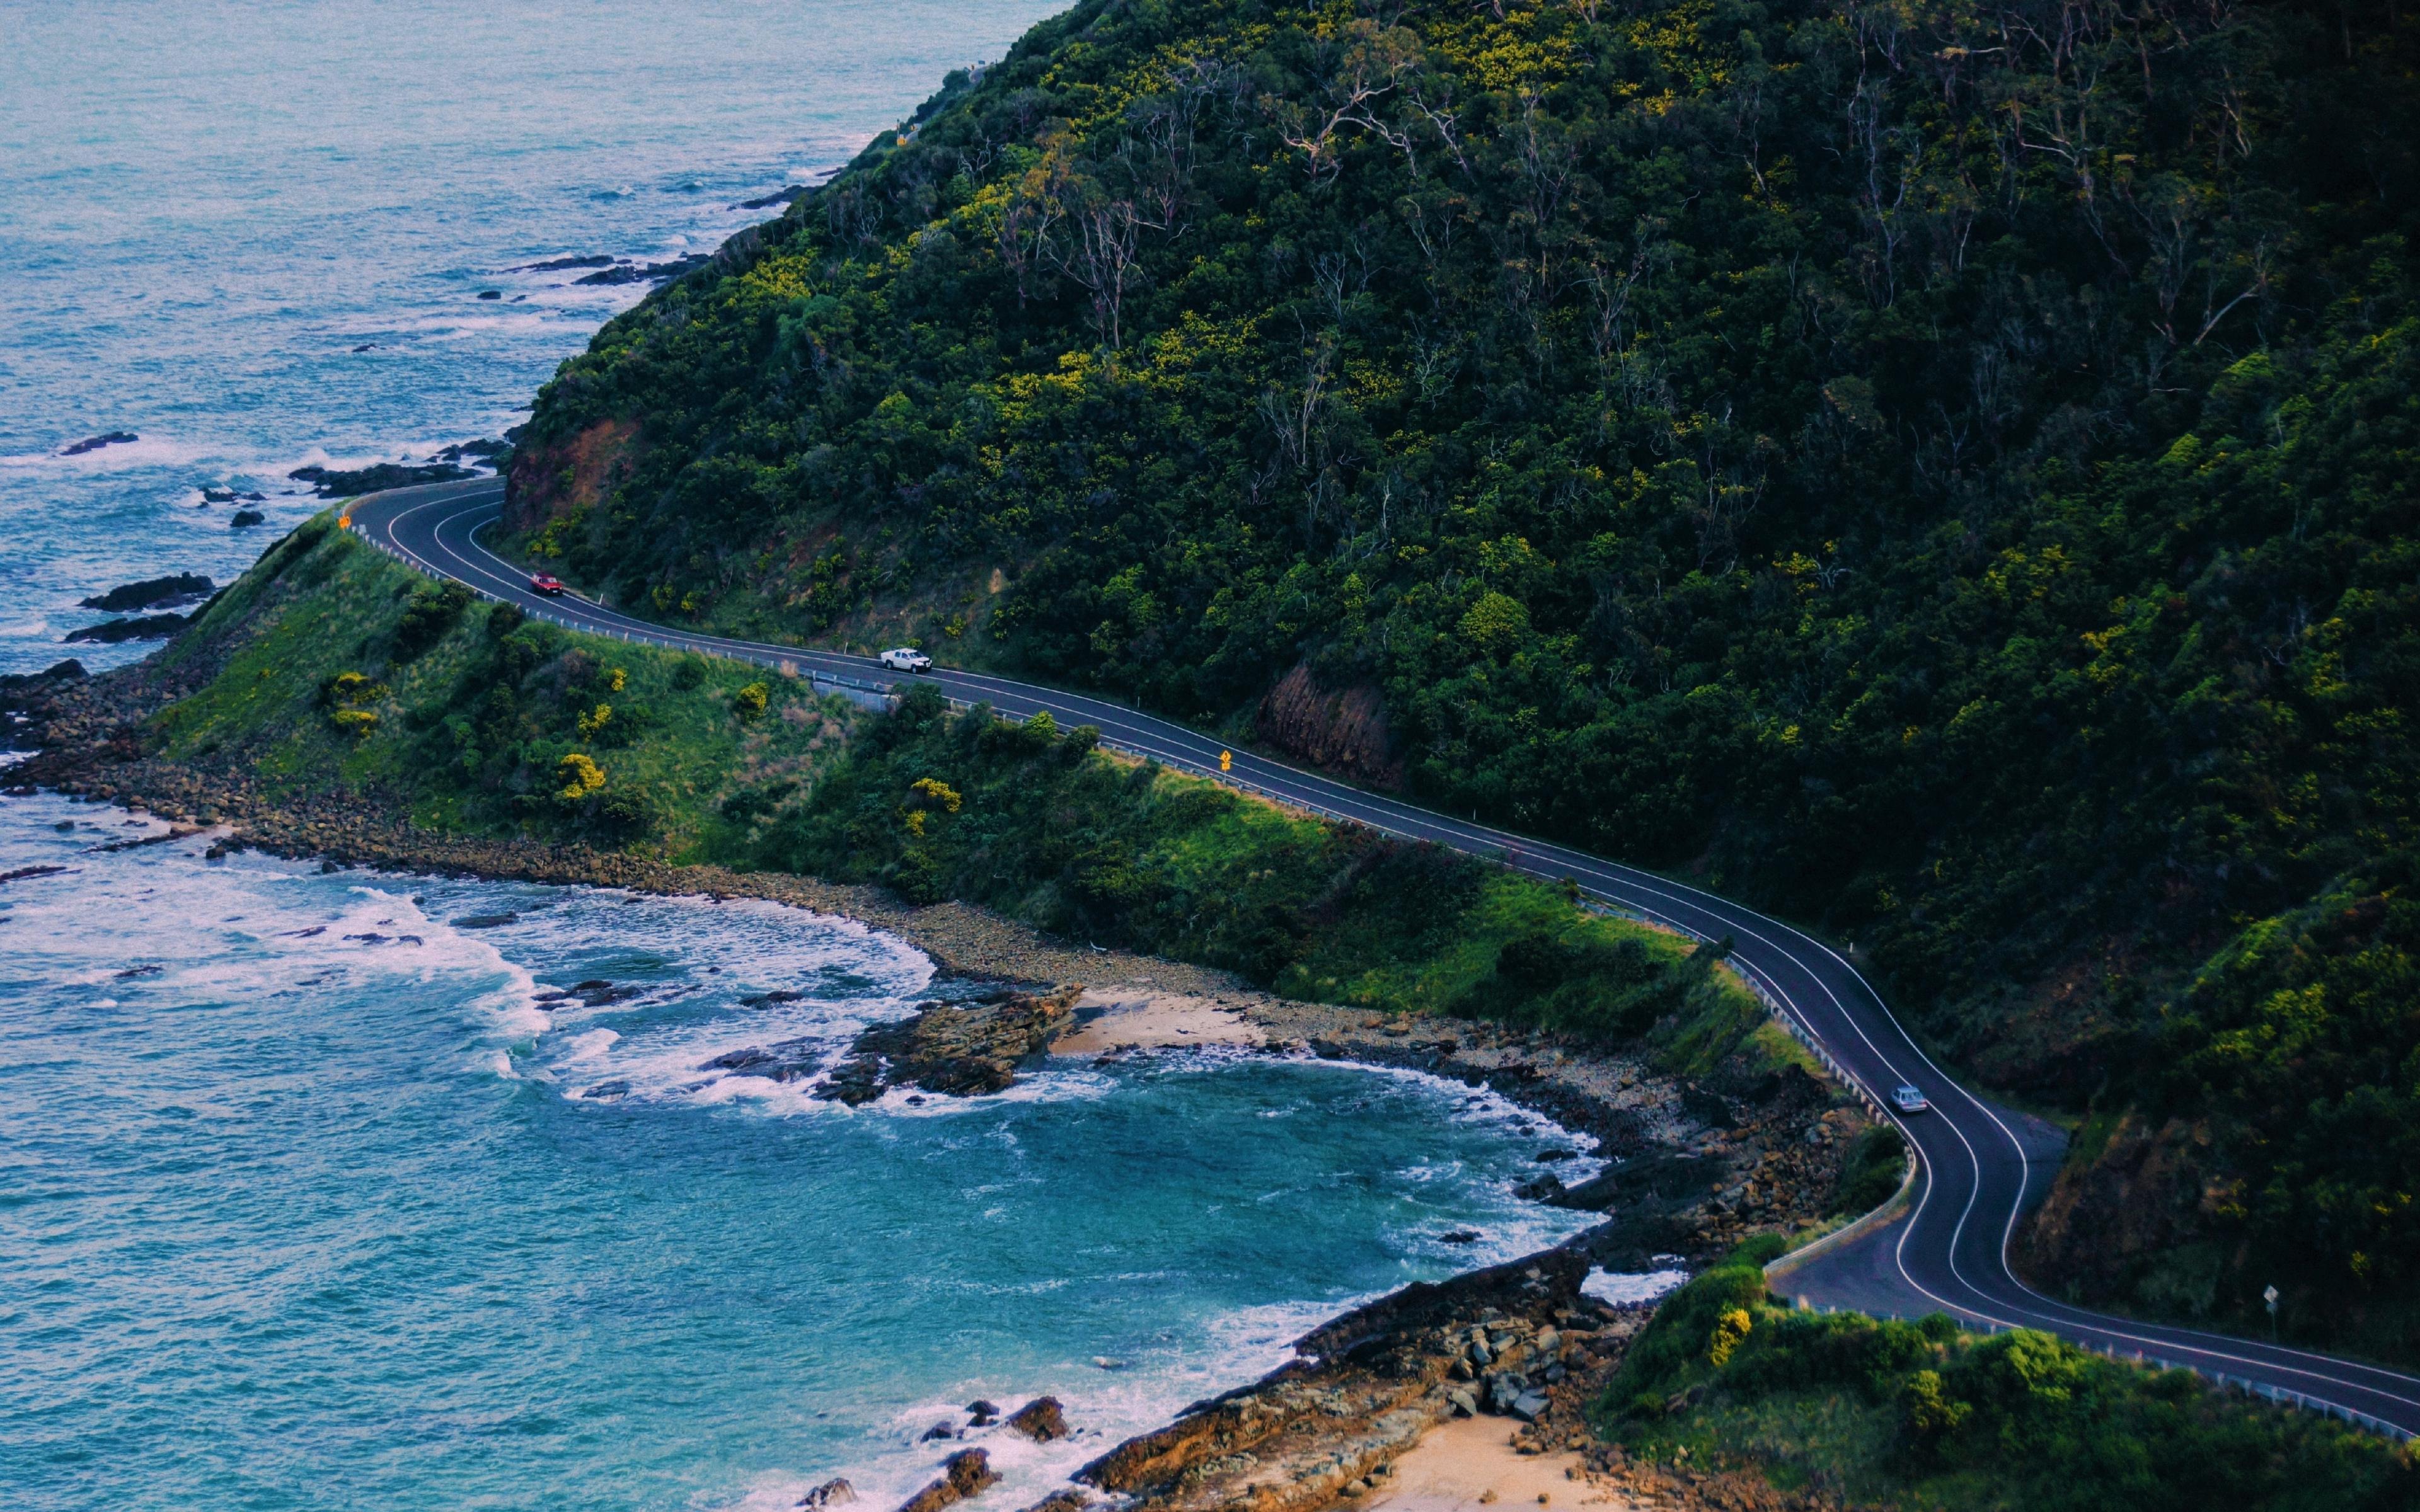 Download 3840x2400 Wallpaper California Coast Road